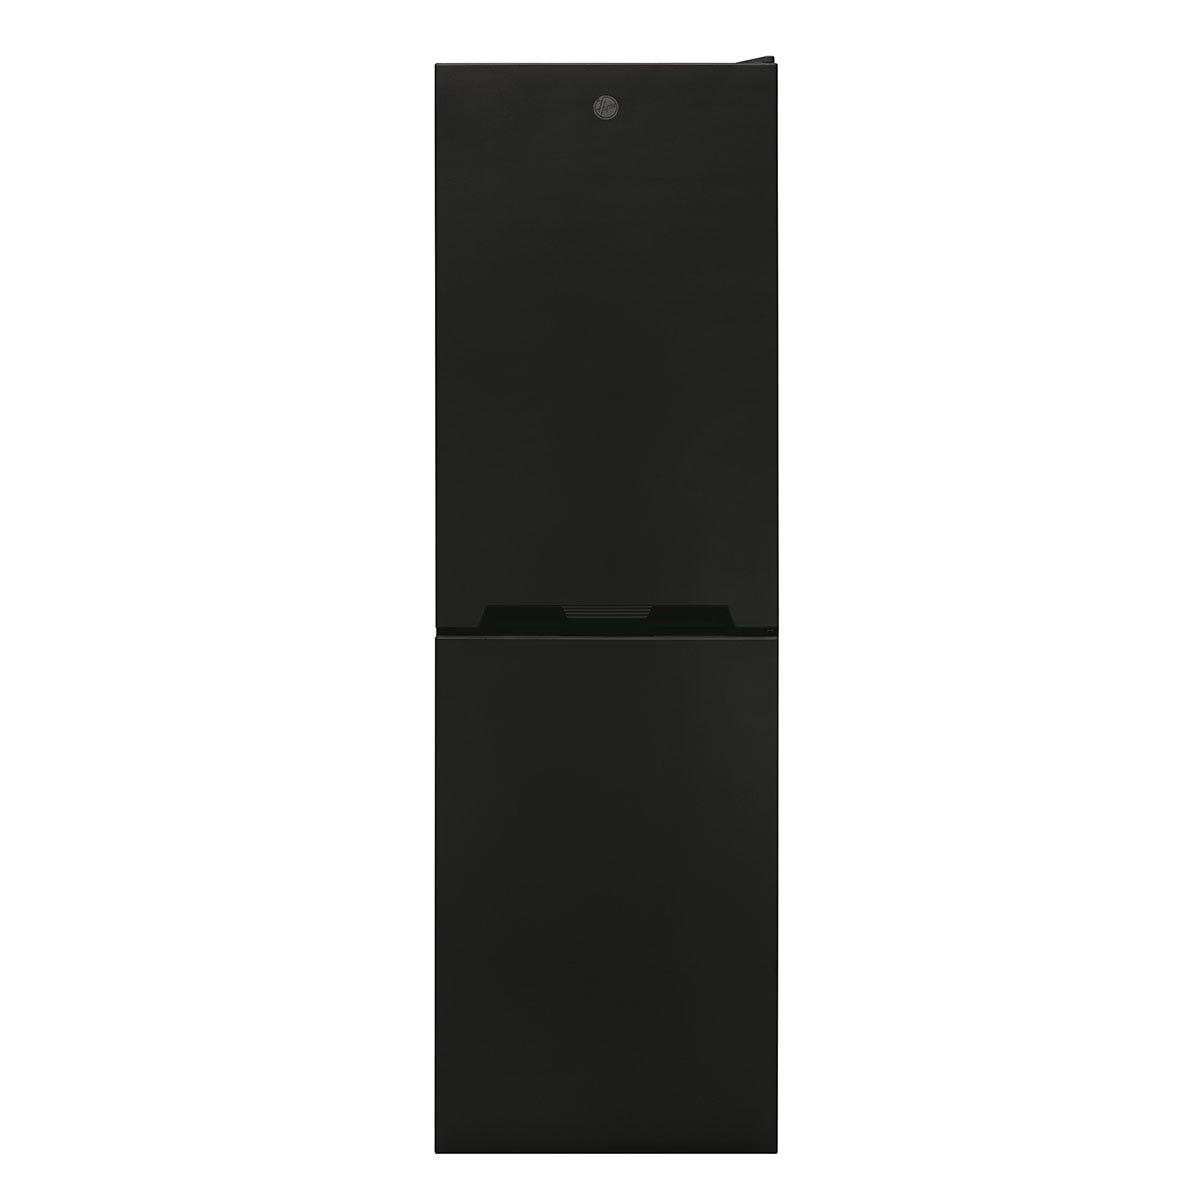 Hoover HOCV1S517FBK 163L/114L Freestanding Static Fridge Freezer - Black